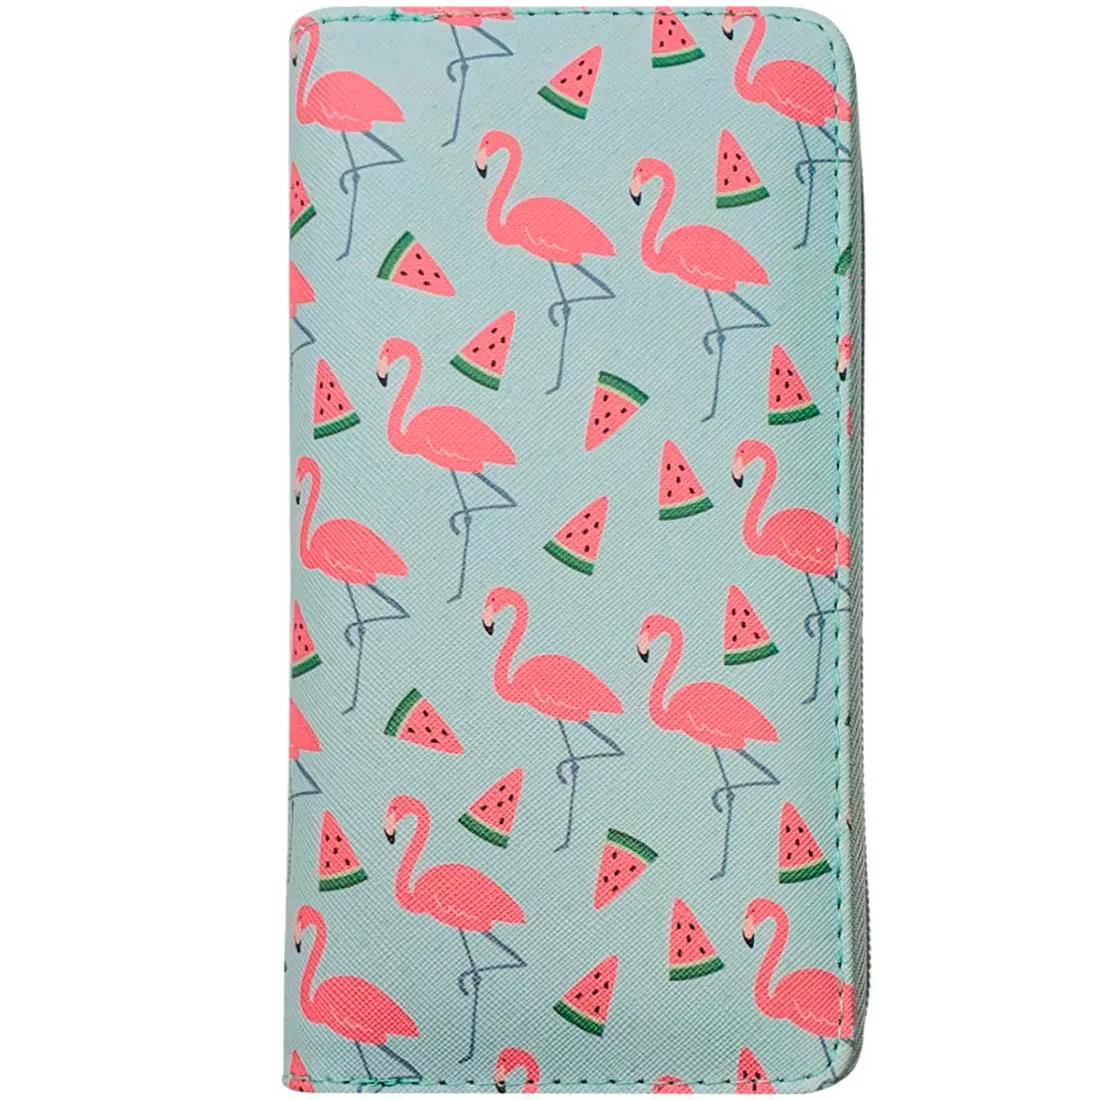 Carteira Estampada de Flamingos e Melancia - Verde